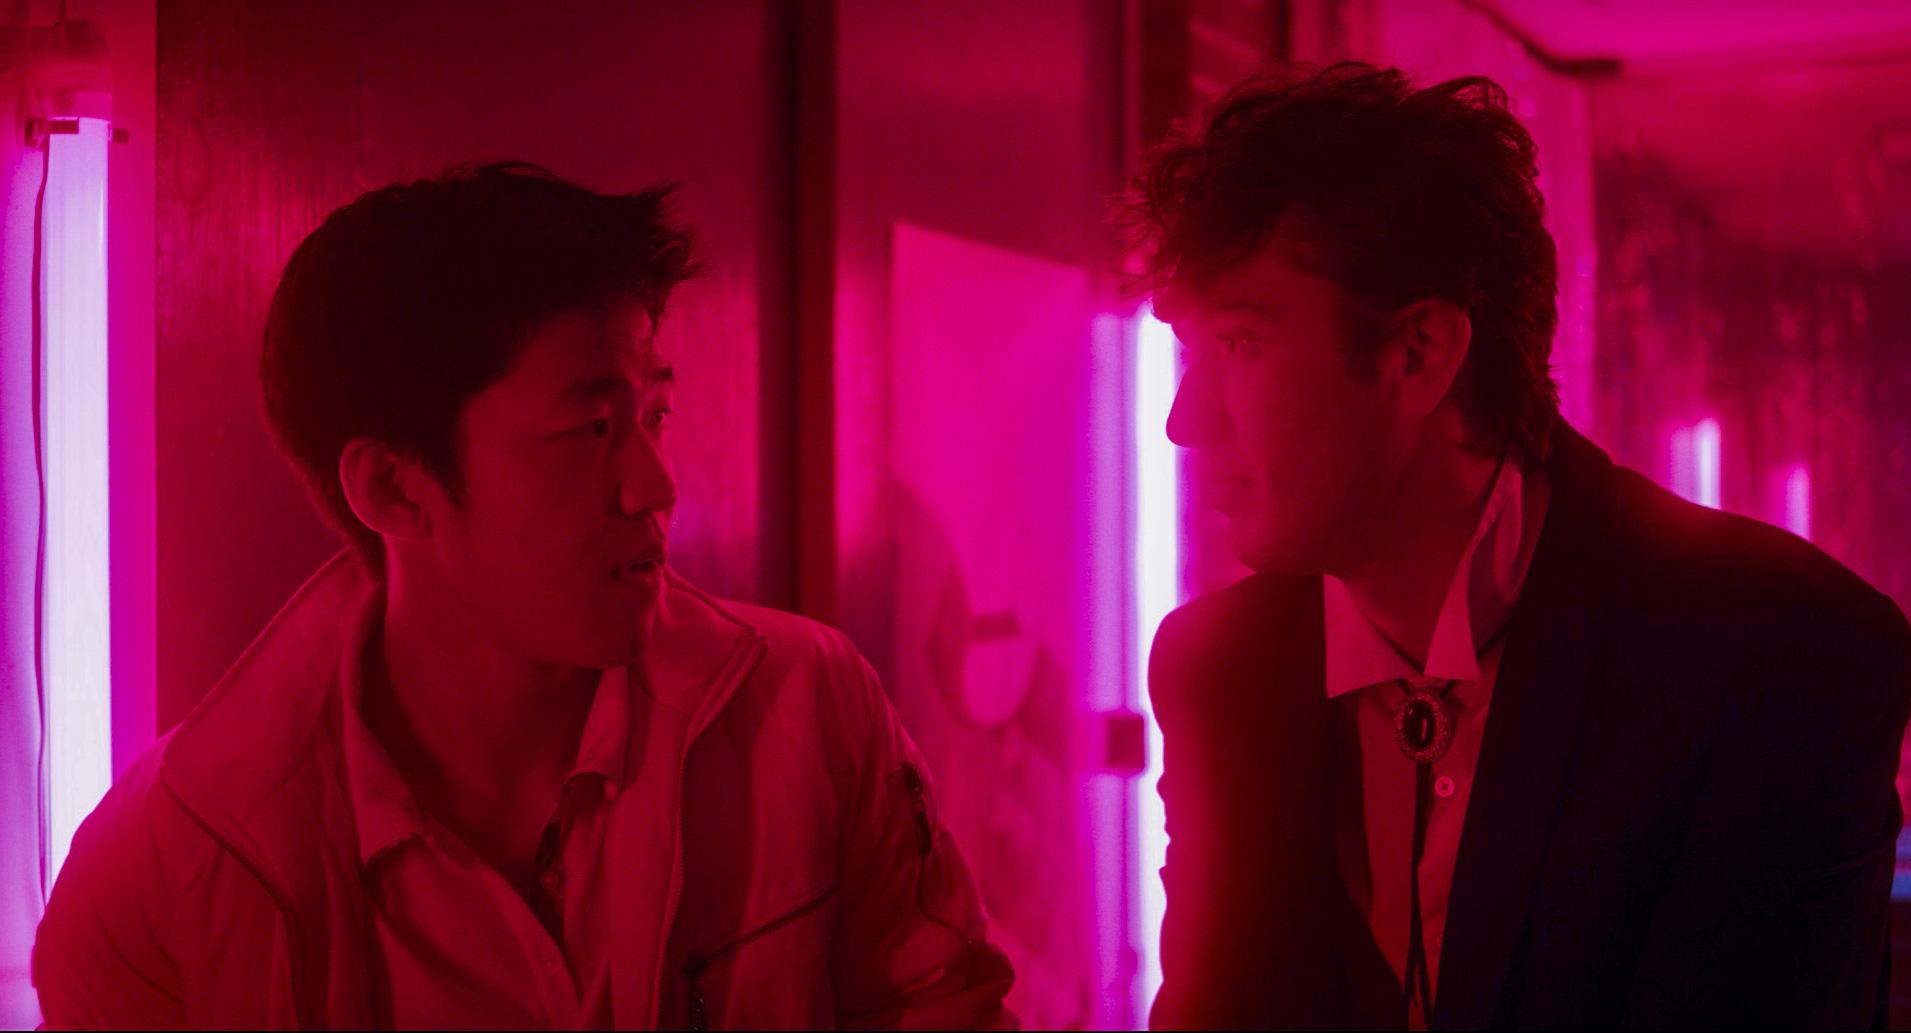 _Max+Danny_00010_Edited_v2.JPG